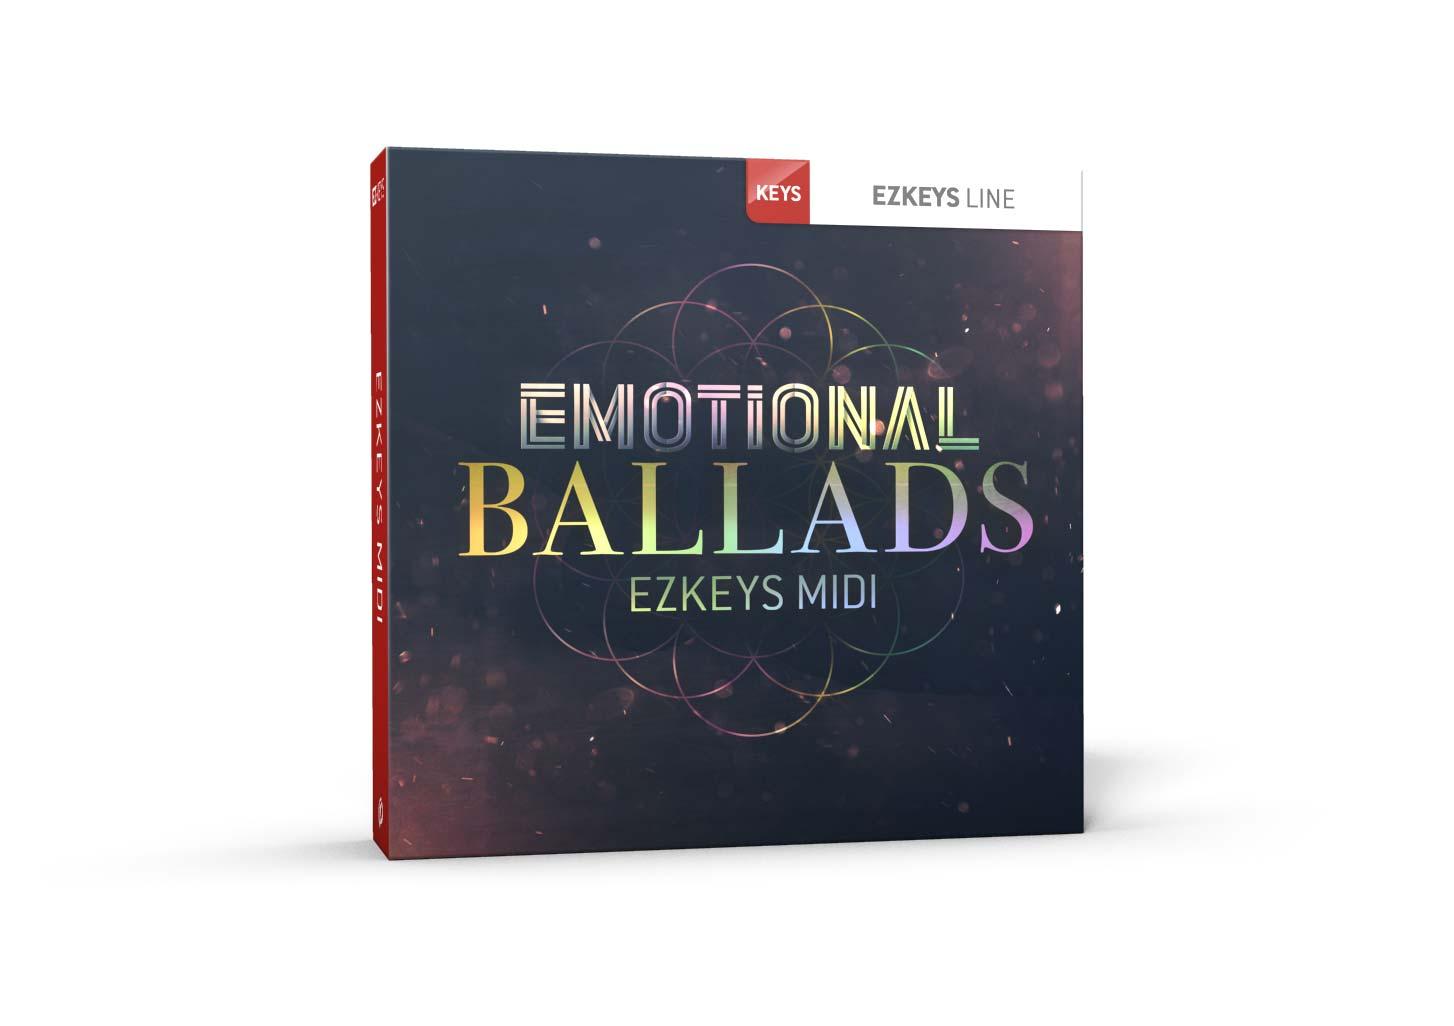 EmotionalBallads_EZkeysMIDI.jpg